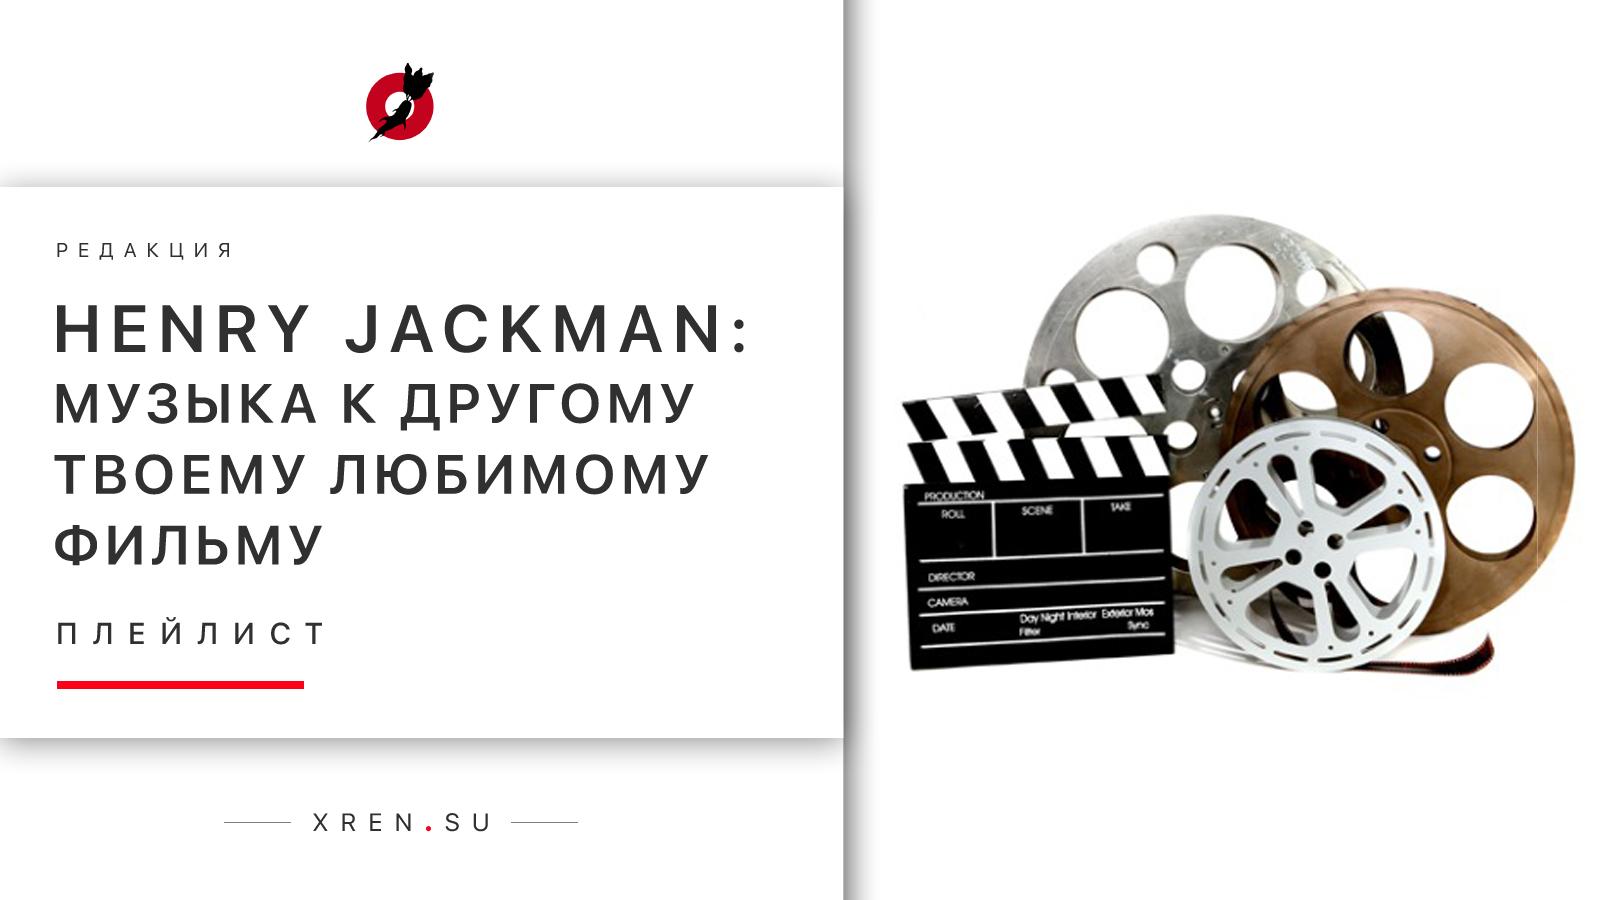 Henry Jackman: музыка к другому твоему любимому фильму.